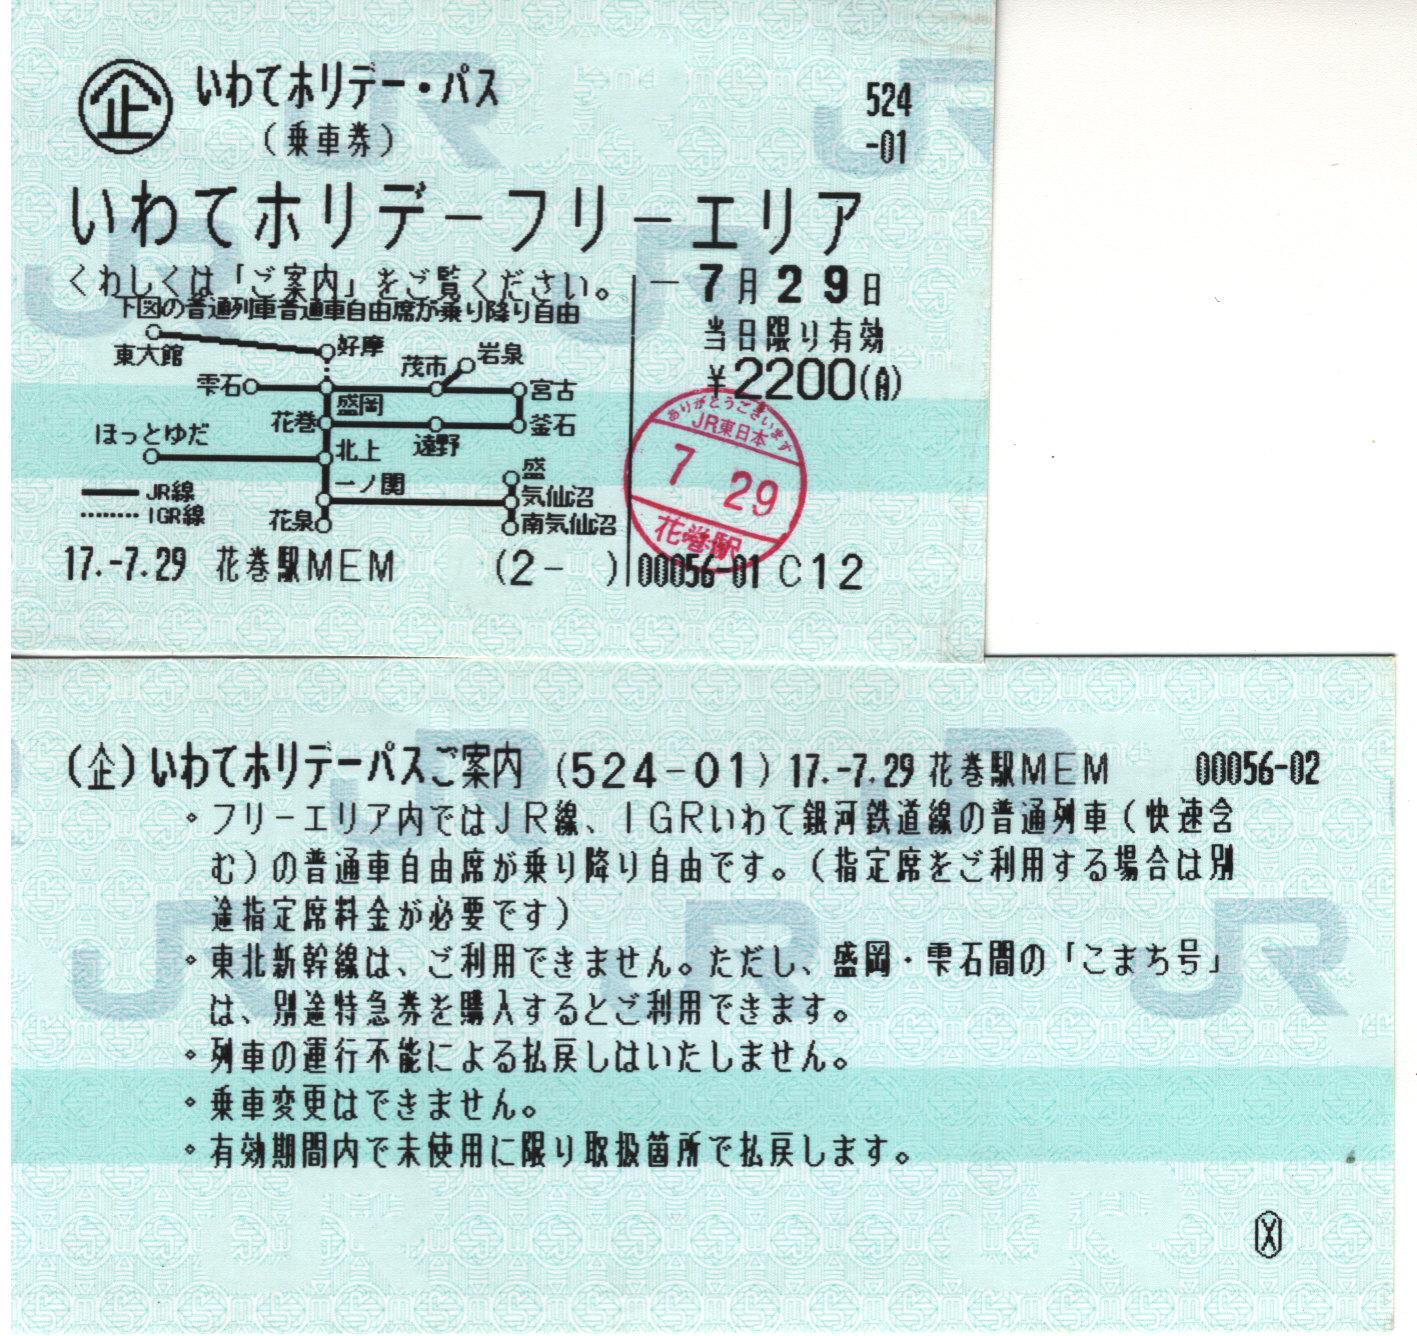 修行&切符 : ホリデーパス - li...